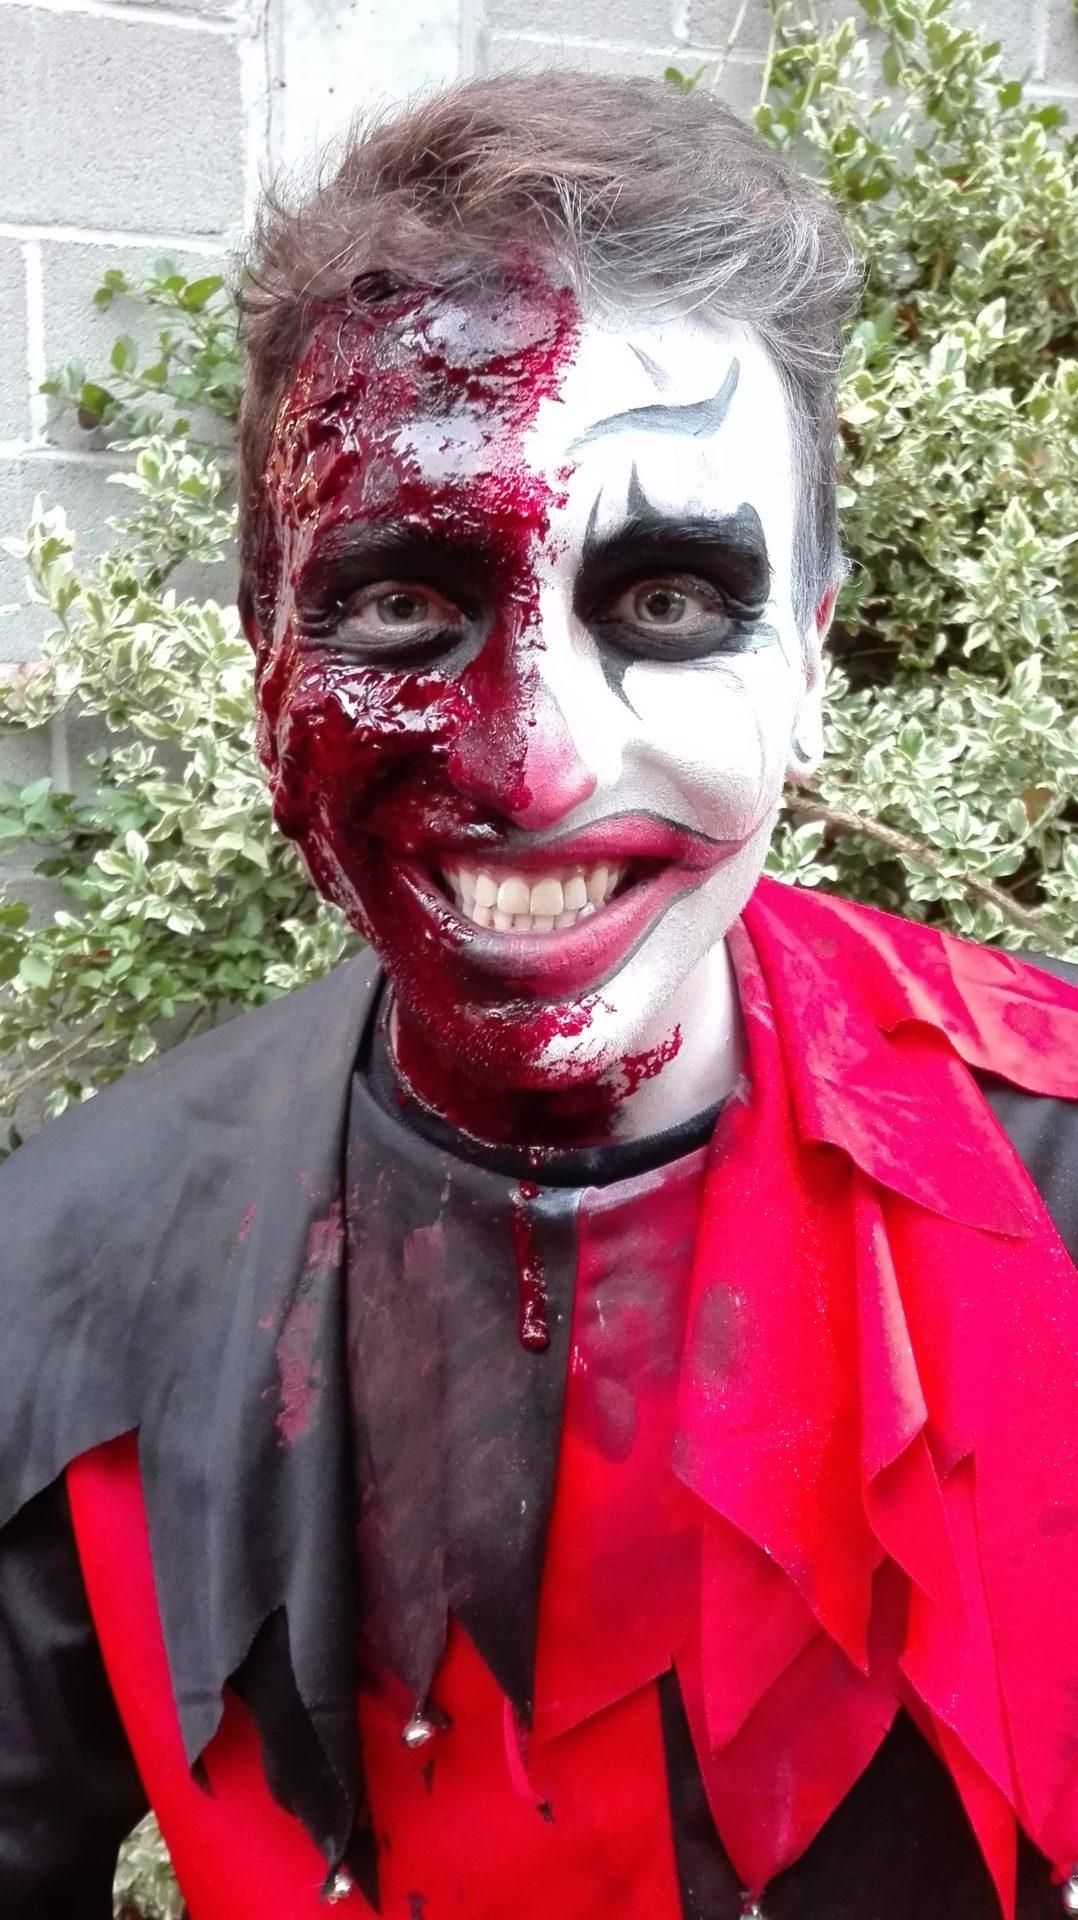 Maquillage de clown pour Halloween réalisé au fard à l'eau et au latex